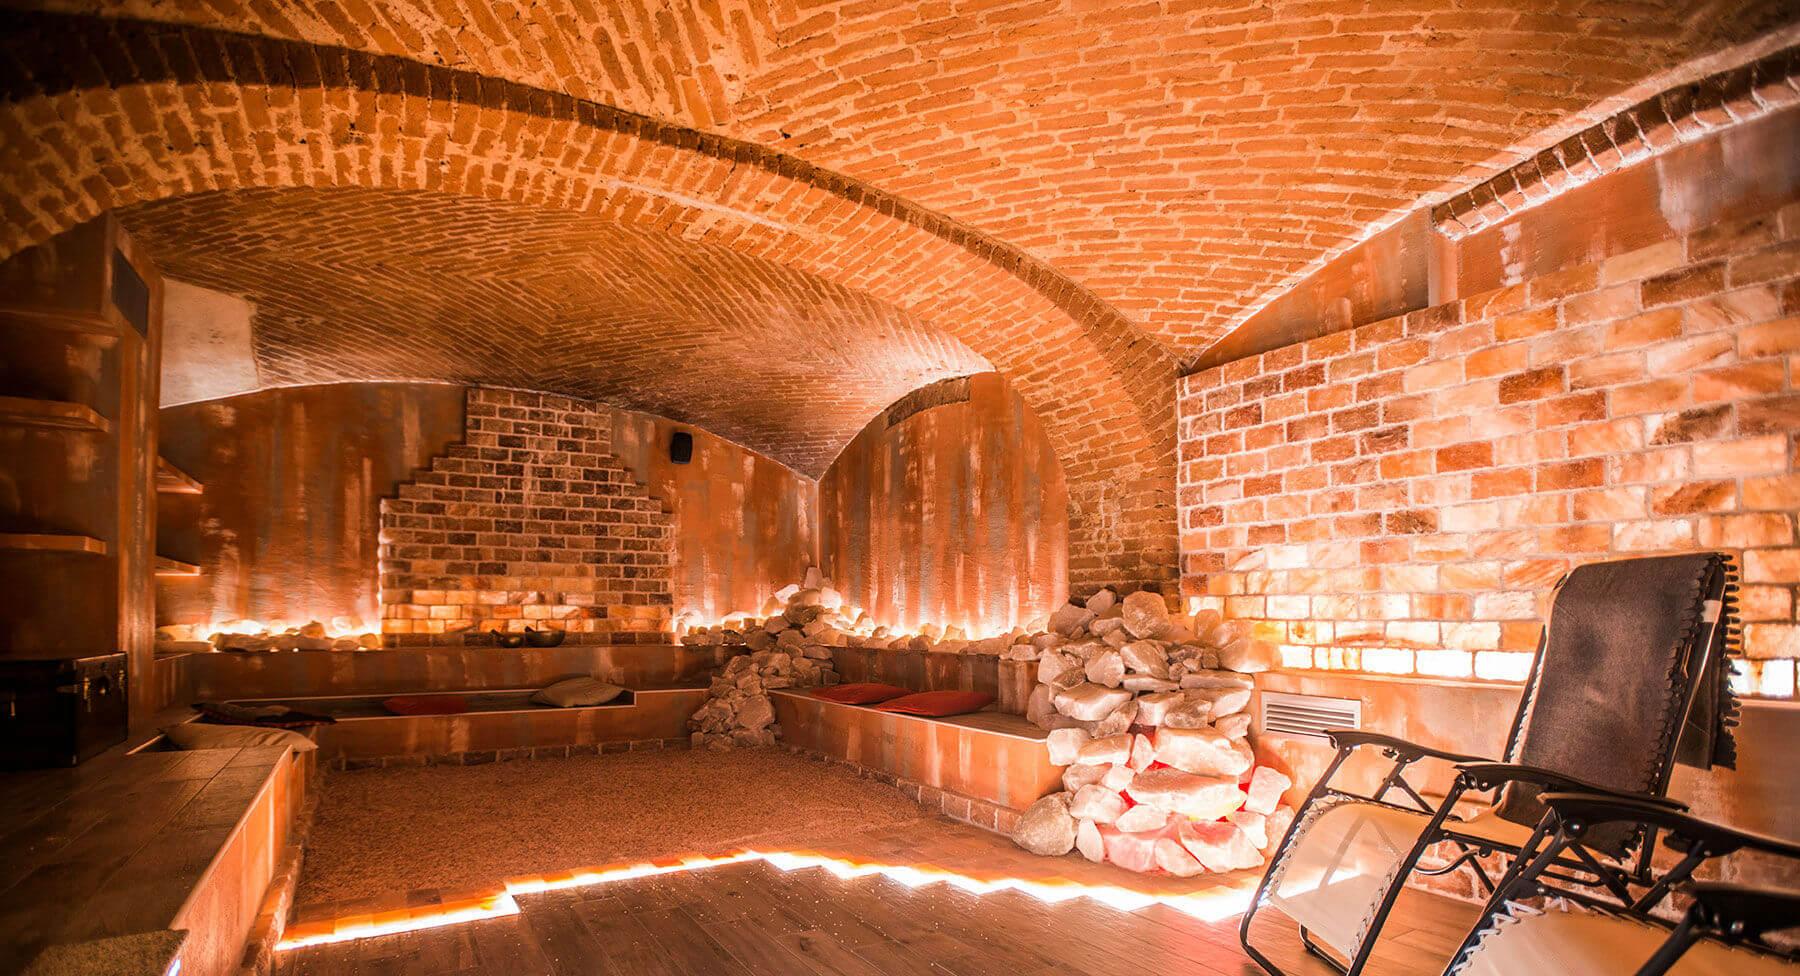 grotta sale haloterapia torino